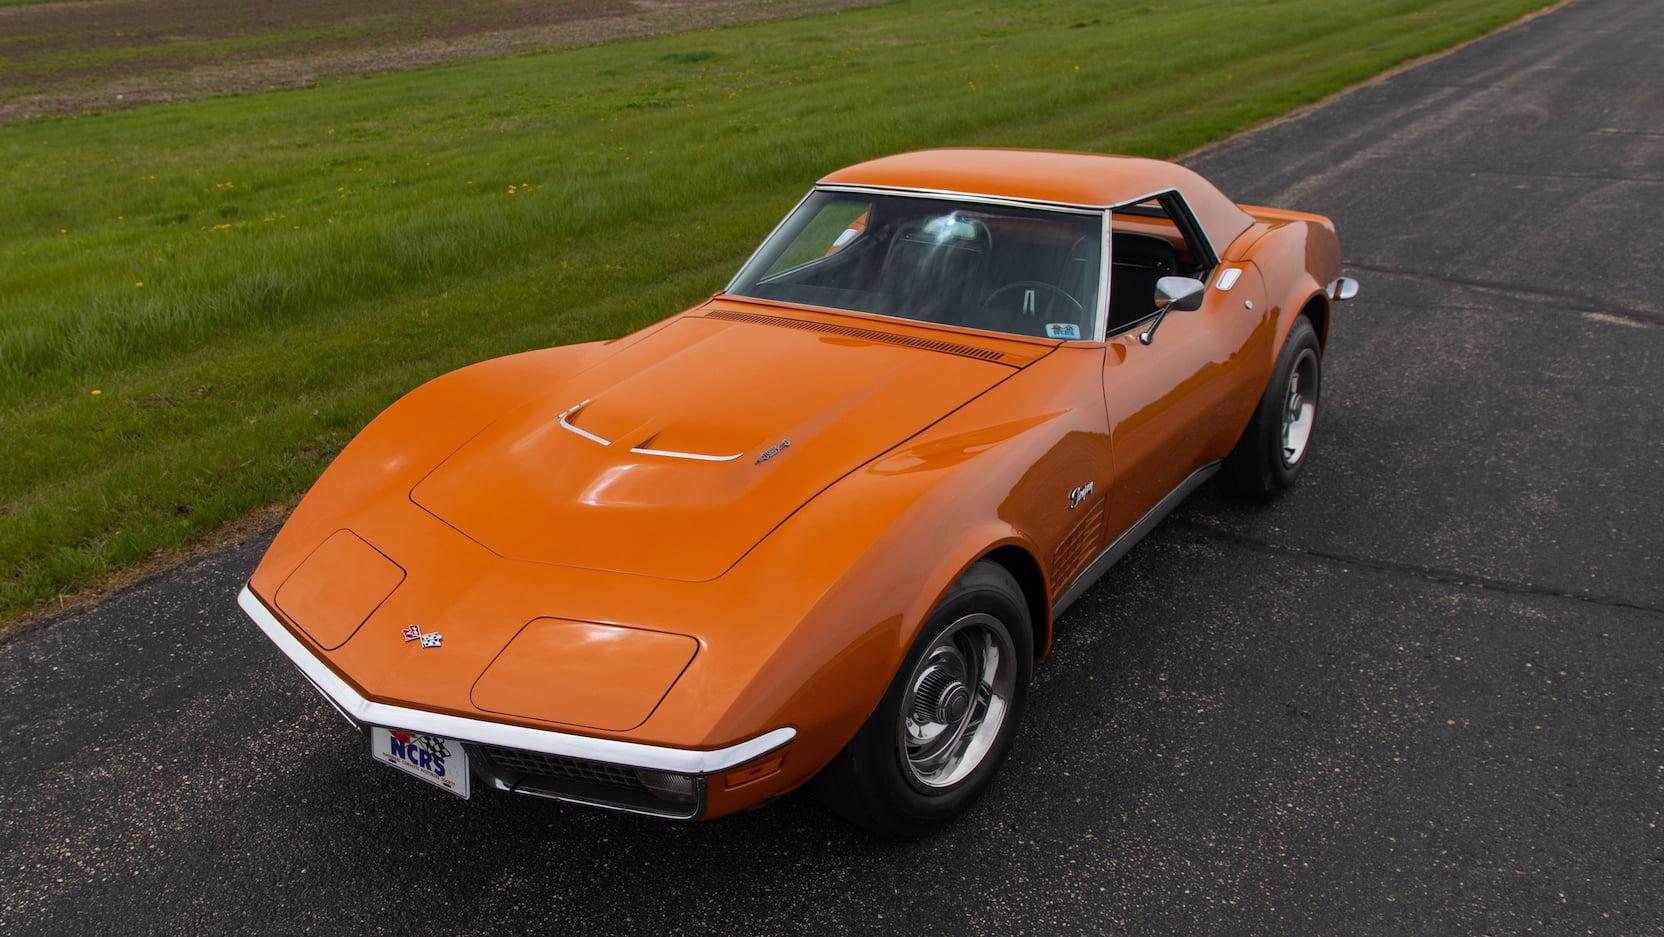 1971 Chevrolet Corvette ZR2 overhead